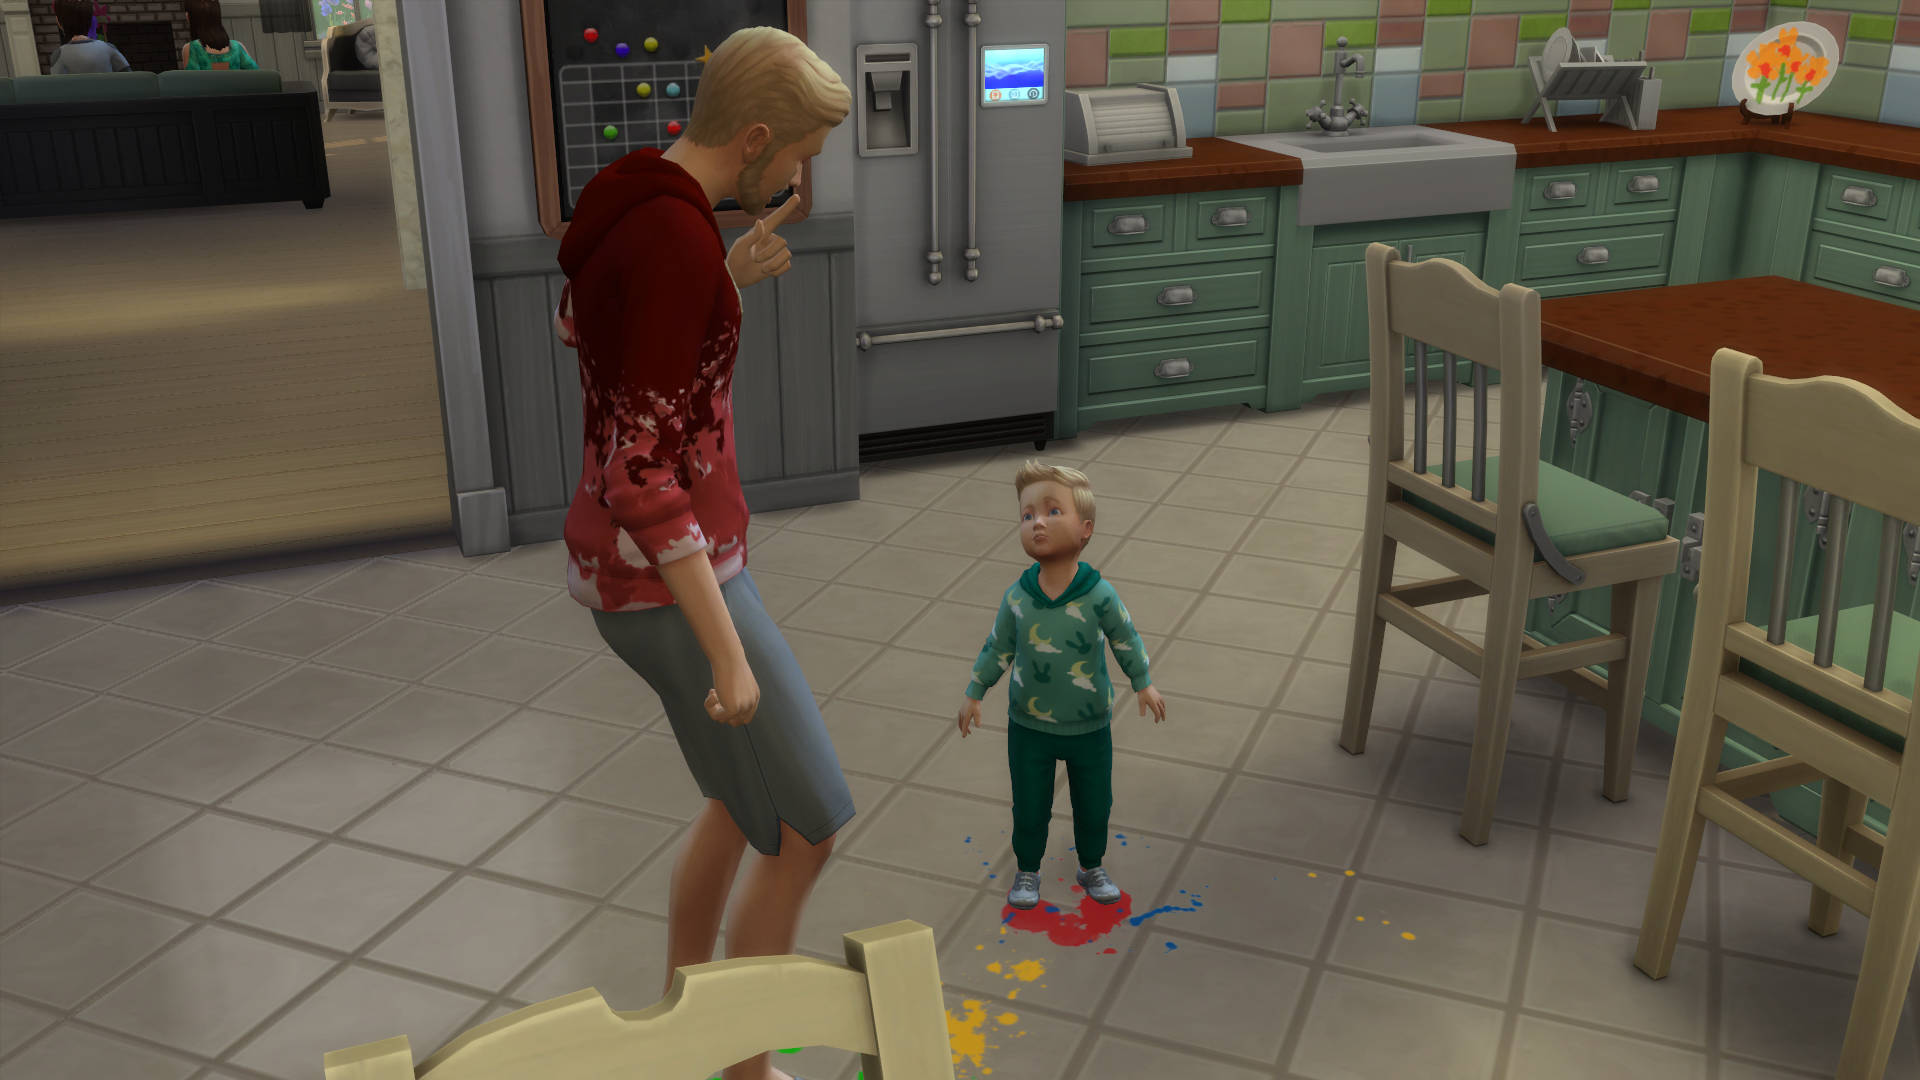 De Sims 4 Ouderschap: Opvoeden